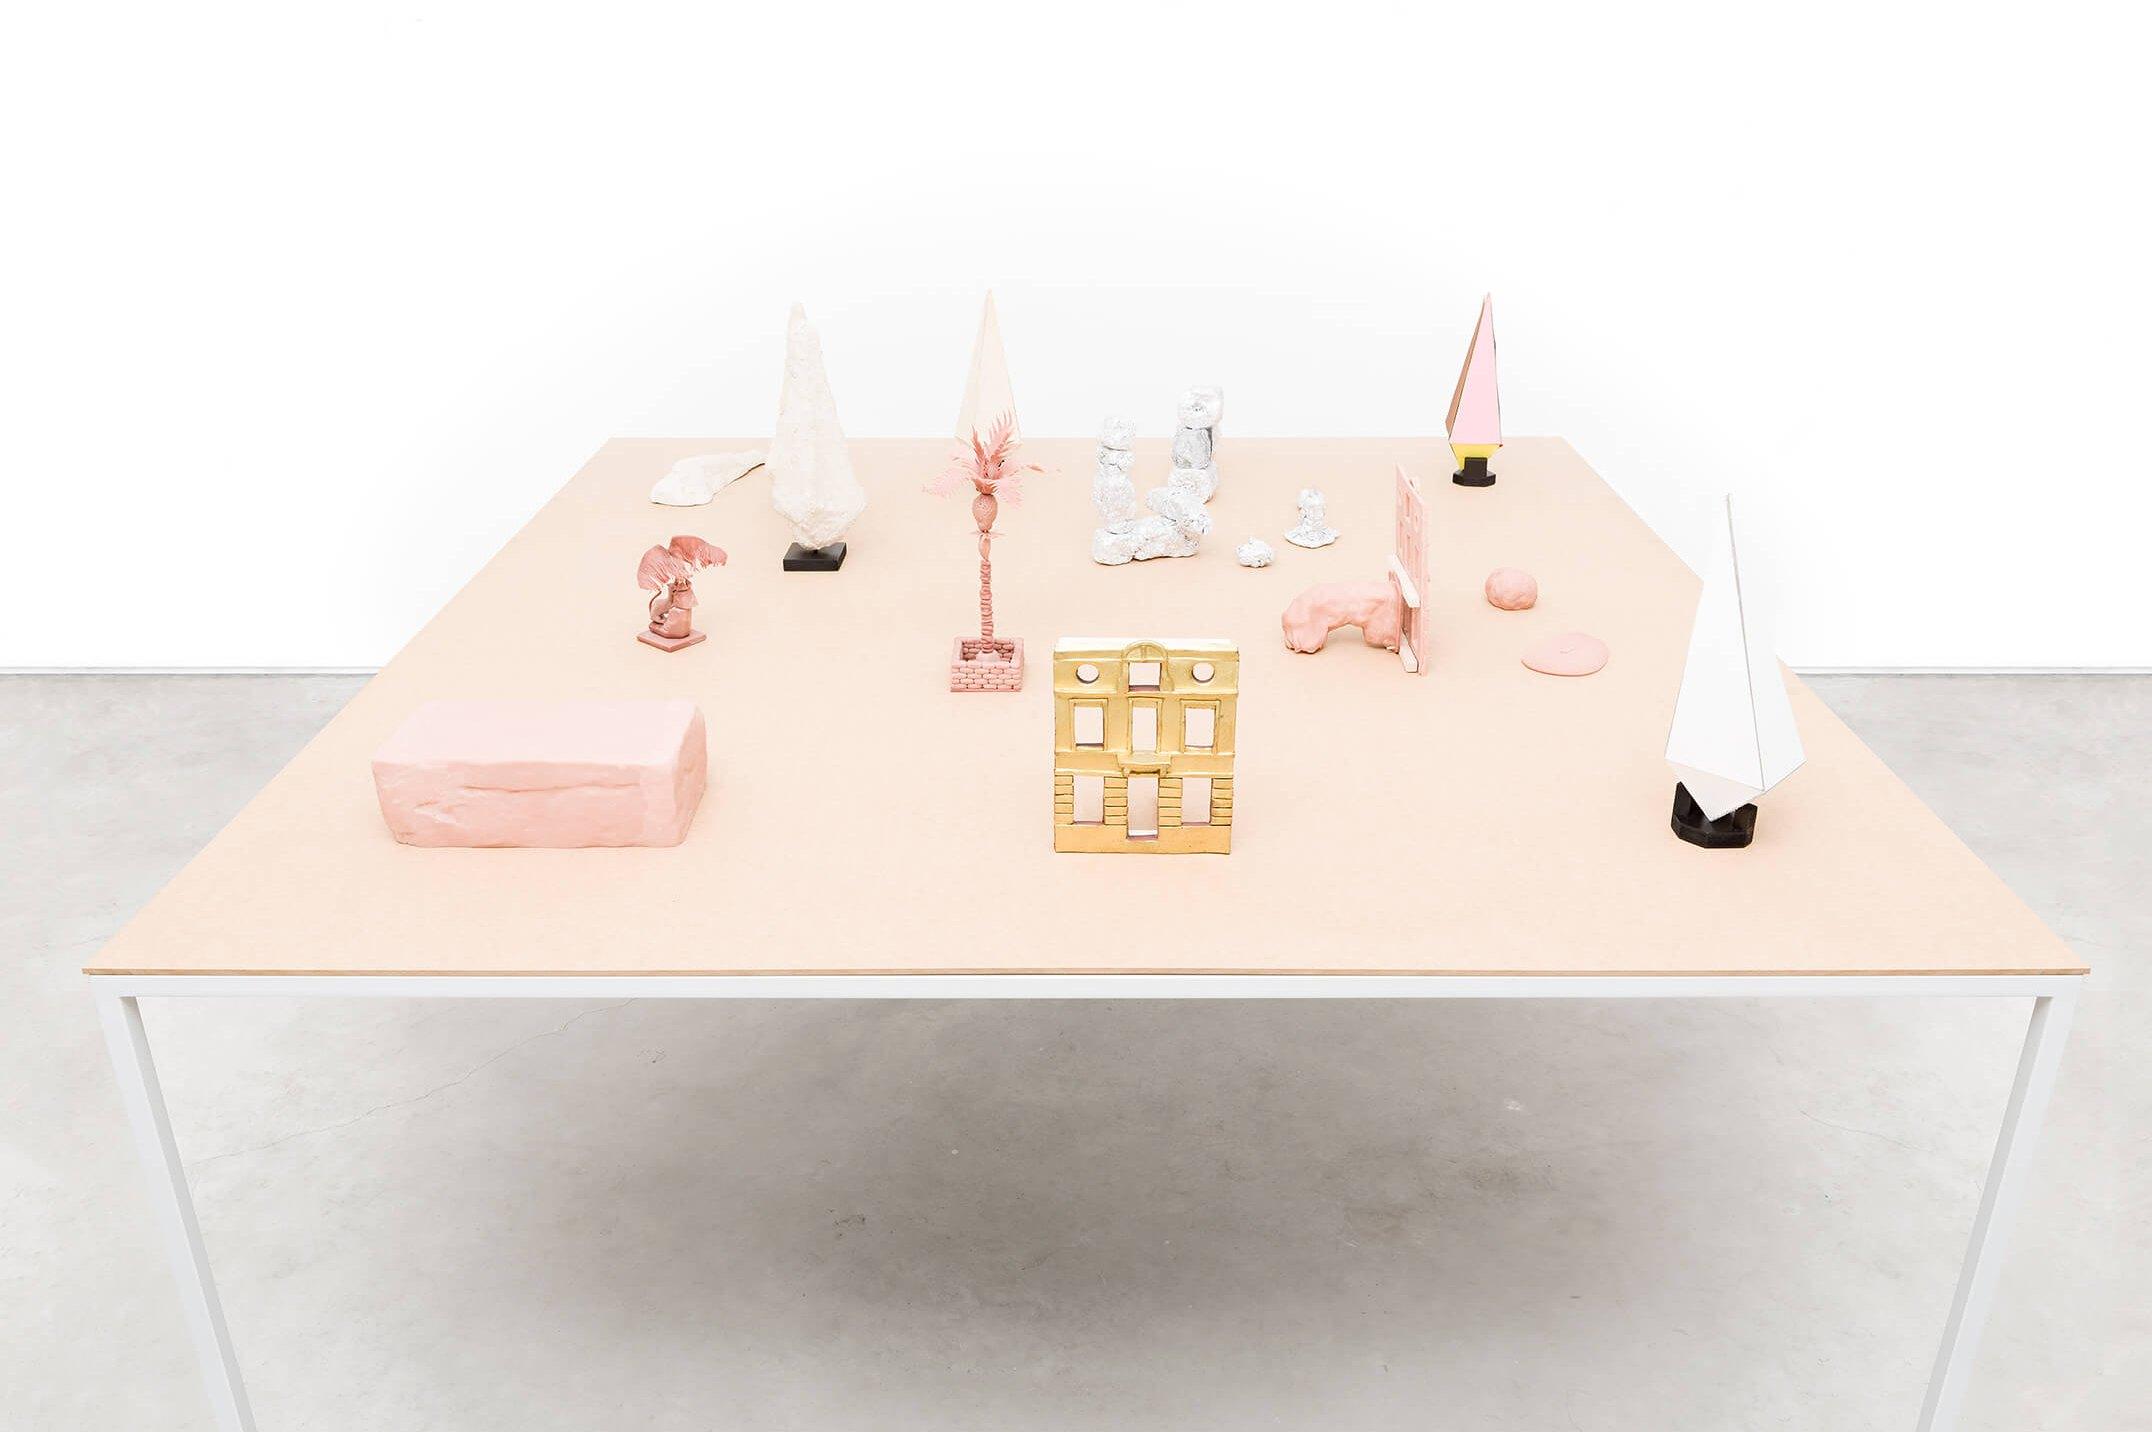 Zin Taylor,<em>The Crystal Ship</em>, 2008,sculptural installation, variable dimensions - Mendes Wood DM